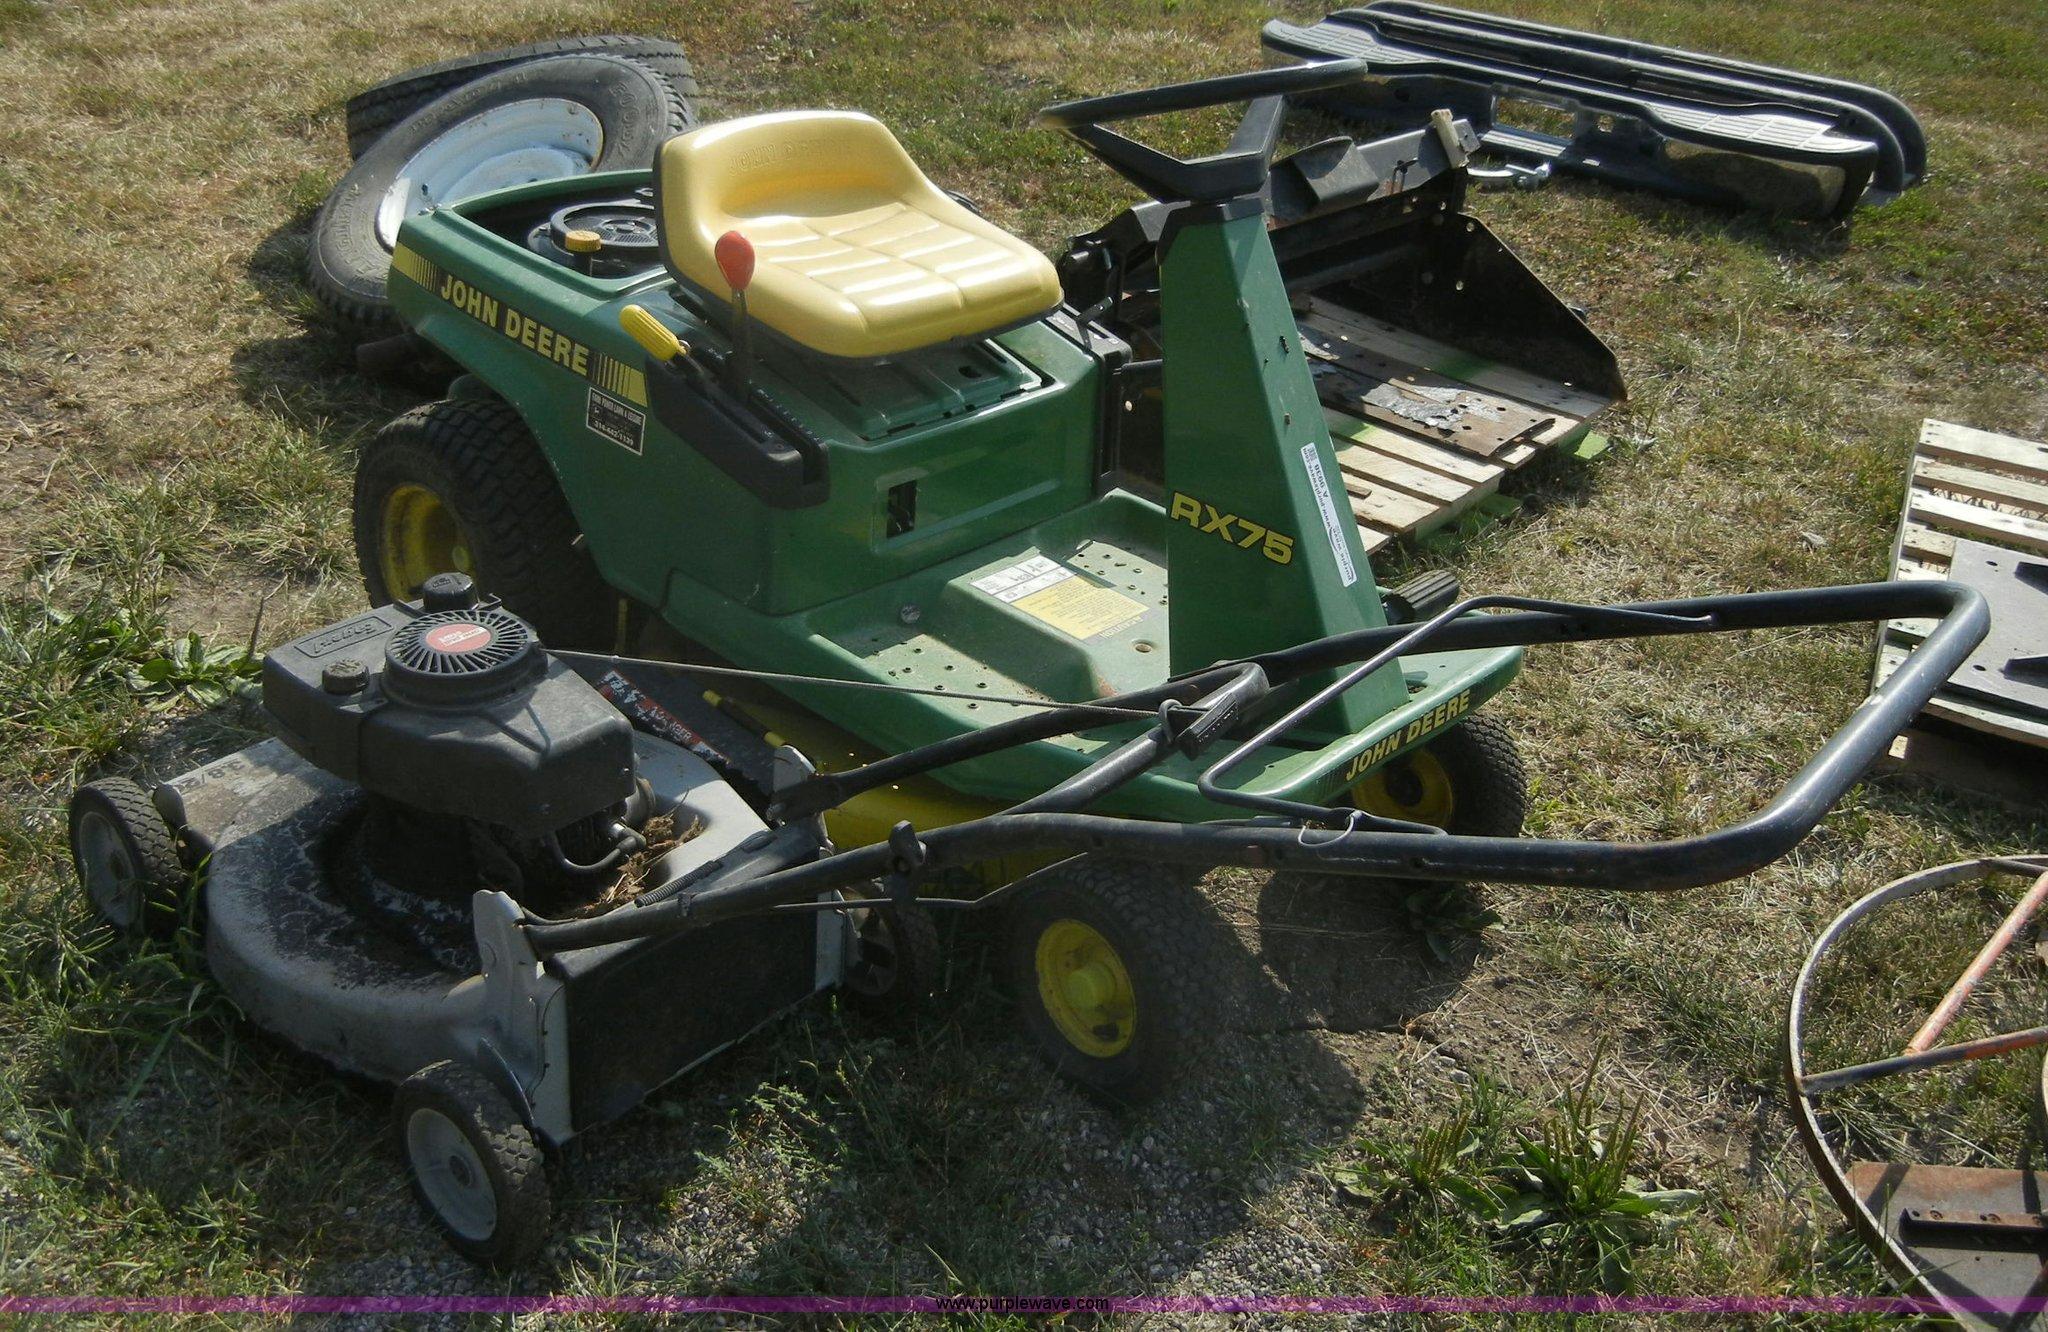 John Deere Sx75 9 Hp Lawn Tractor   John Deere Lawn